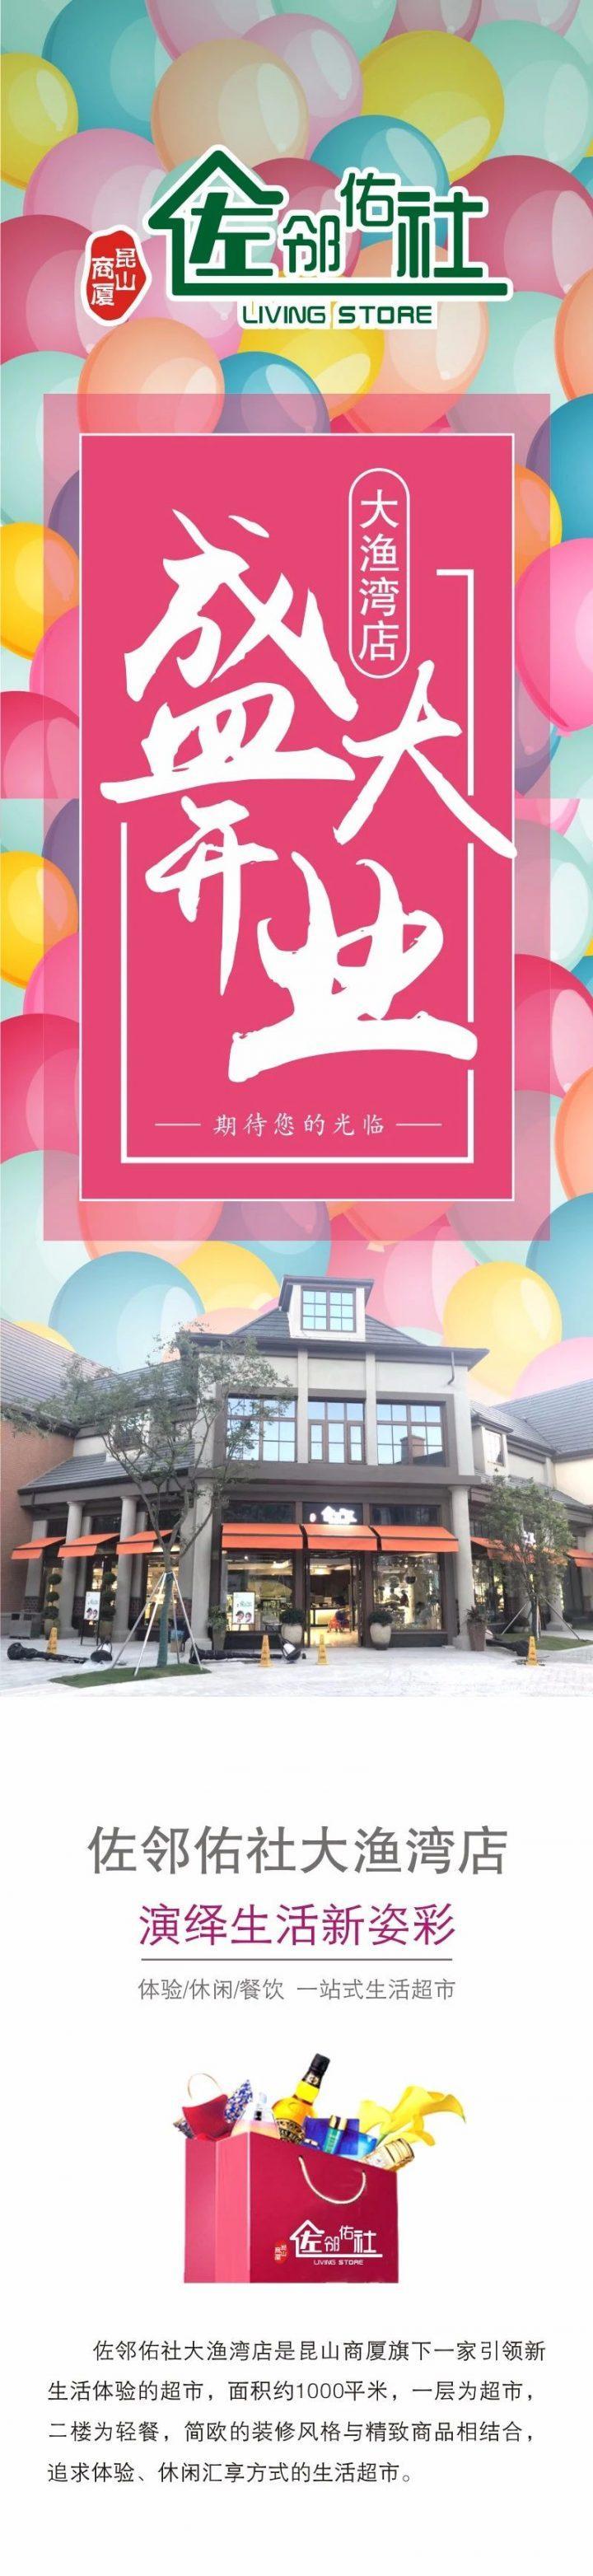 """昆山商厦""""佐邻佑社""""大渔湾店盛大开业"""